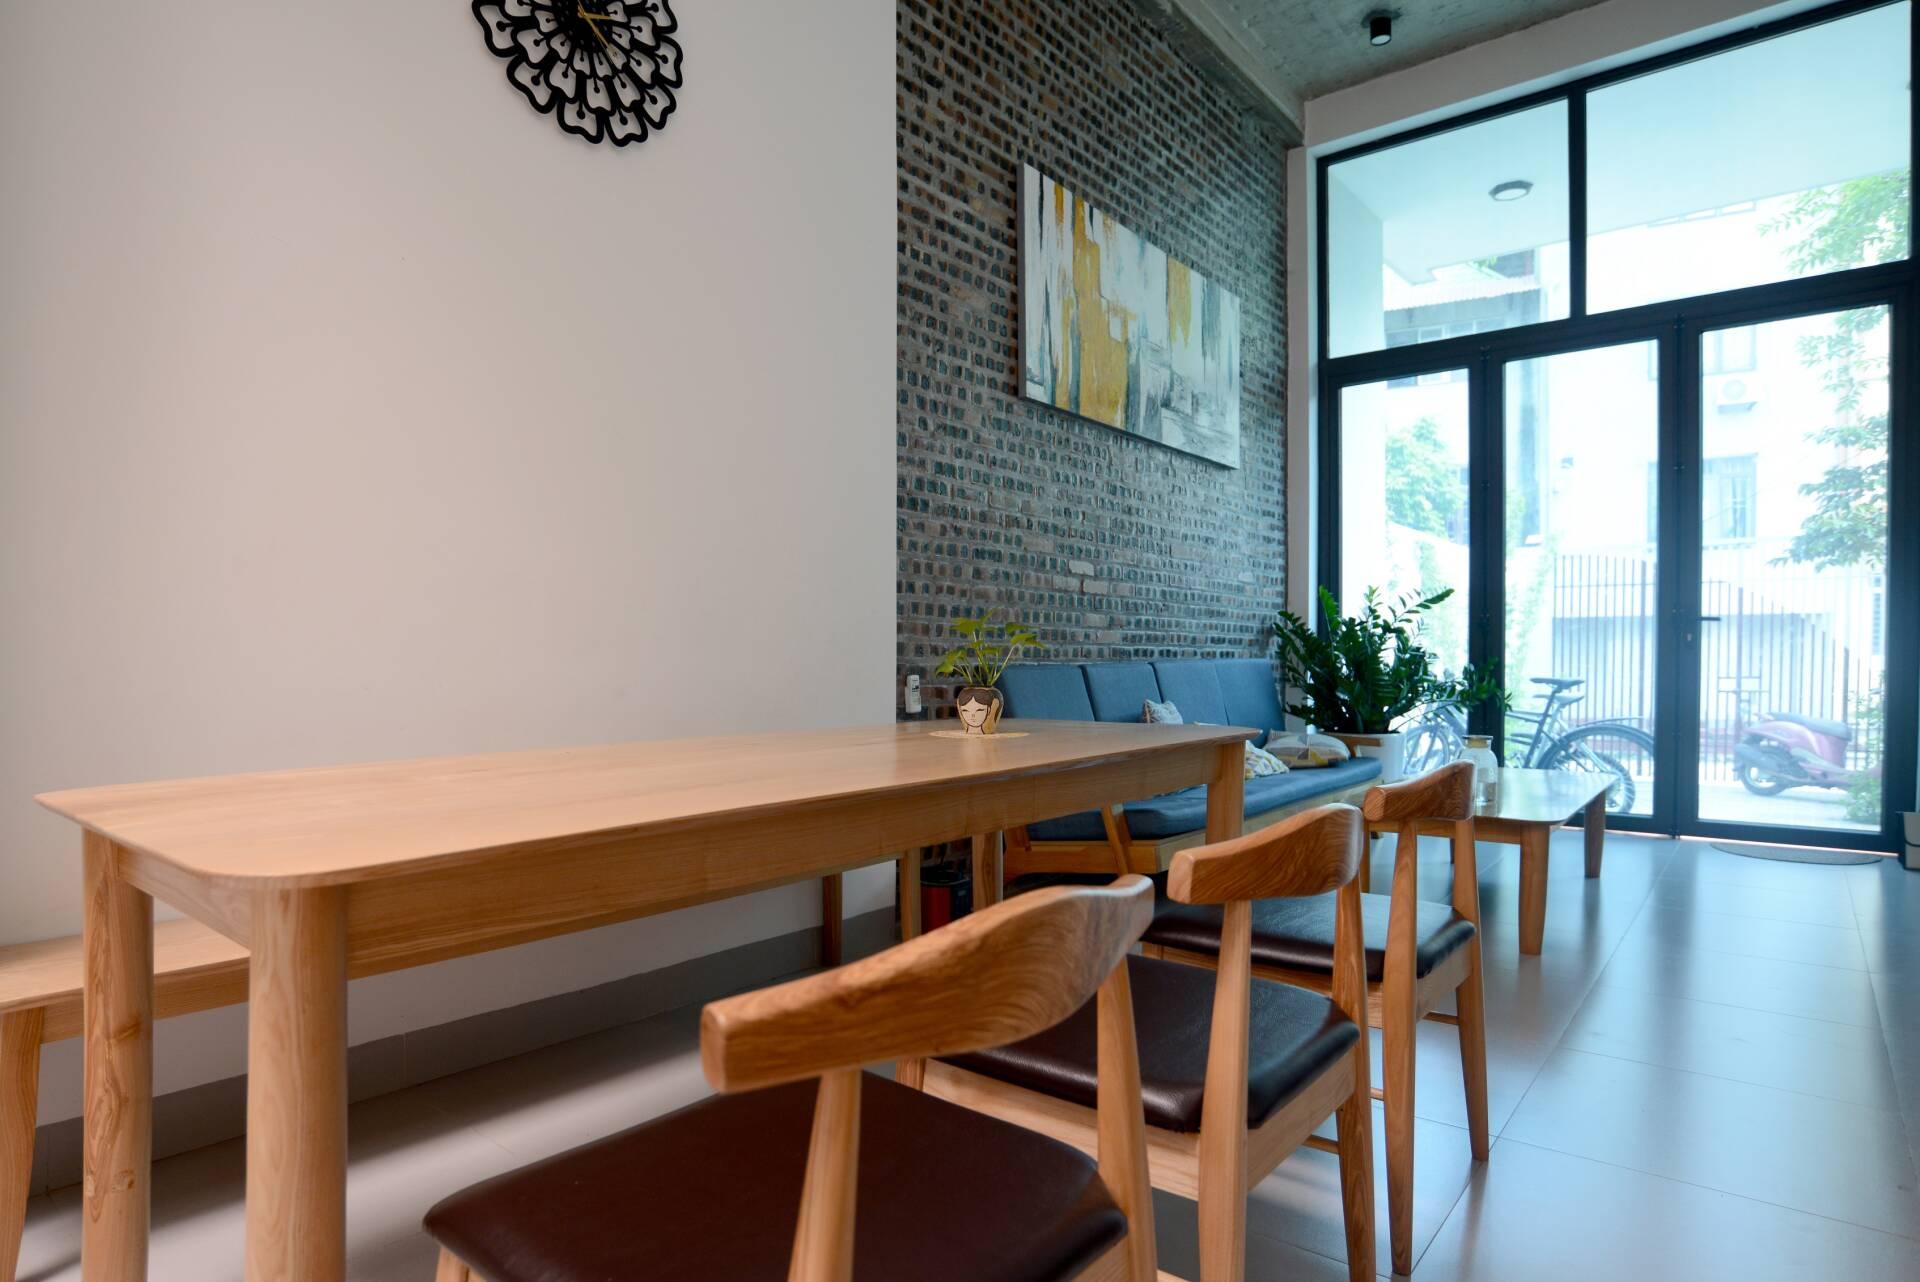 Dù là không gian mở nhưng phòng khách và phòng ăn vẫn được phân chia không gian bởi sự thay đổi của tường